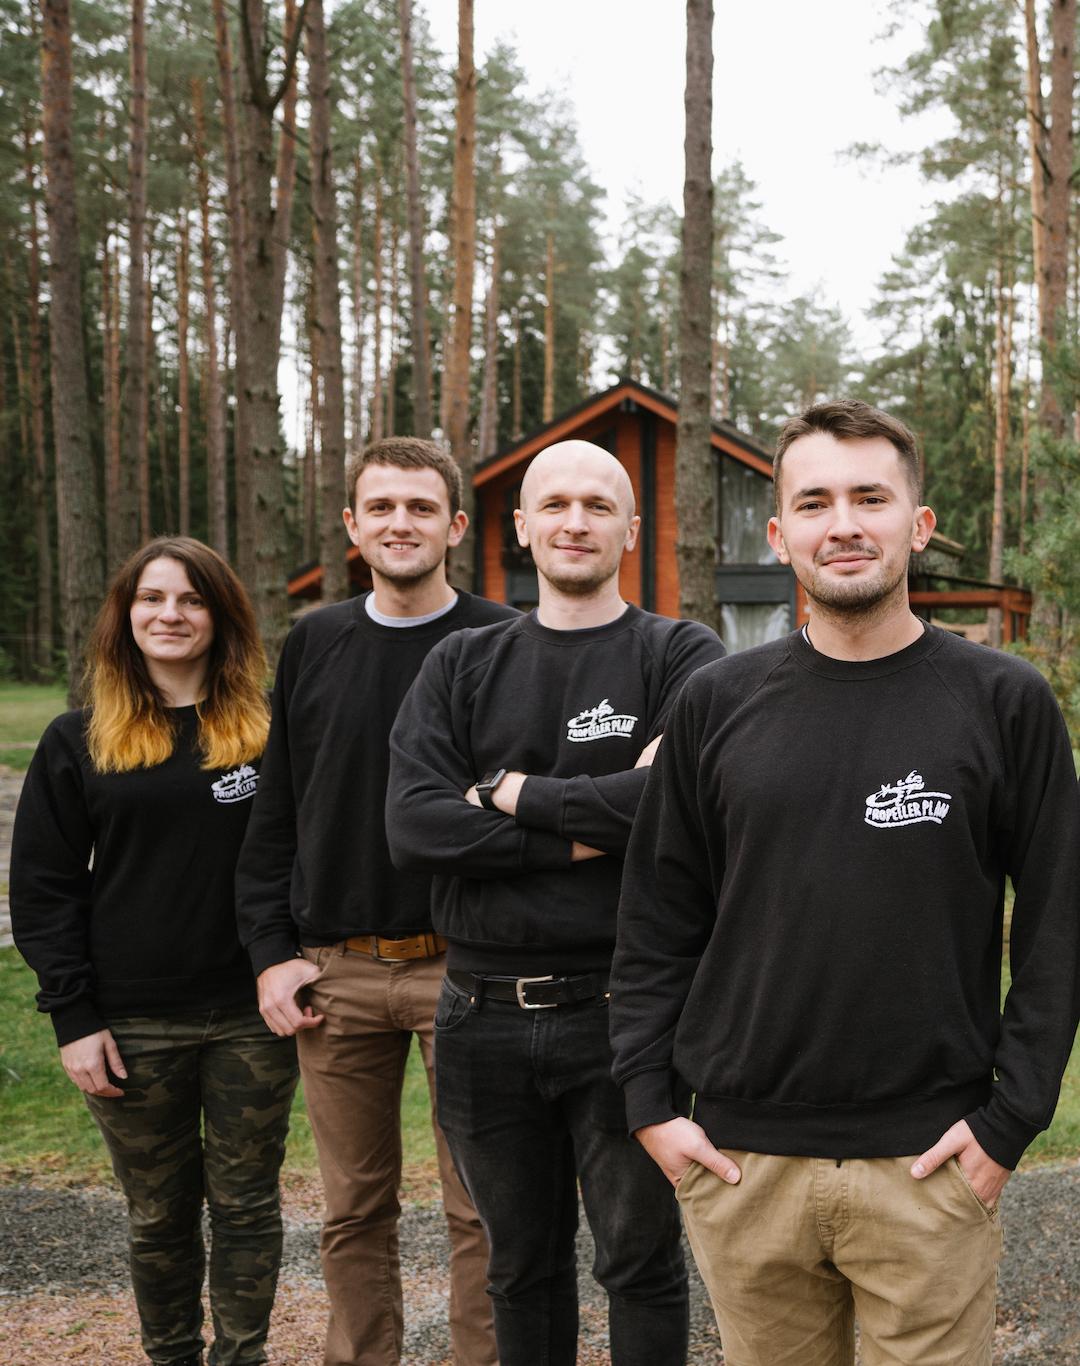 PropellerPlan Crew Yarik Igor Vlad Lena